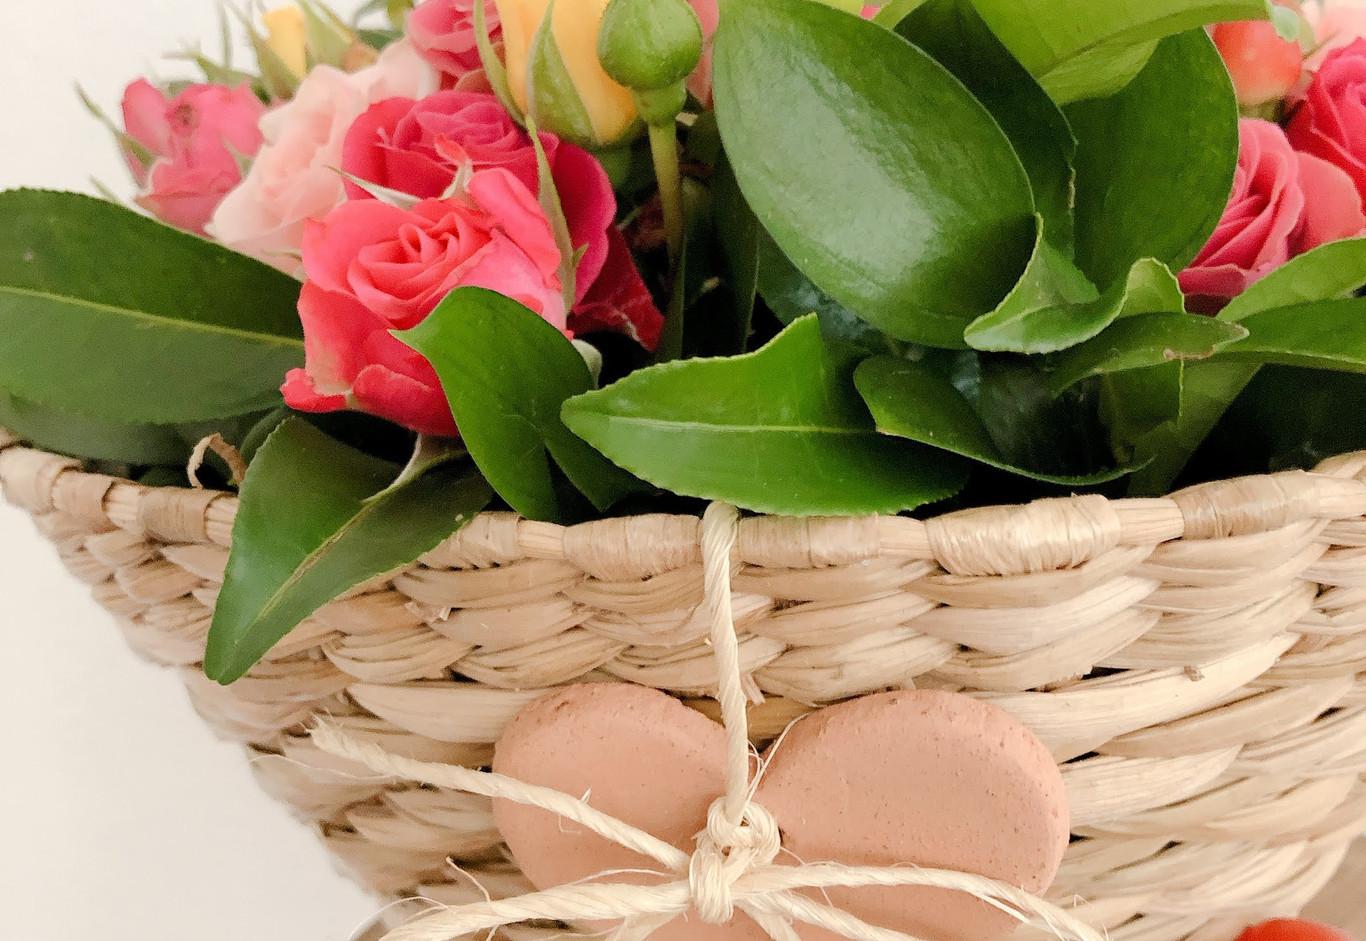 Cuia de tabua com mini rosas, vela  e coraçao